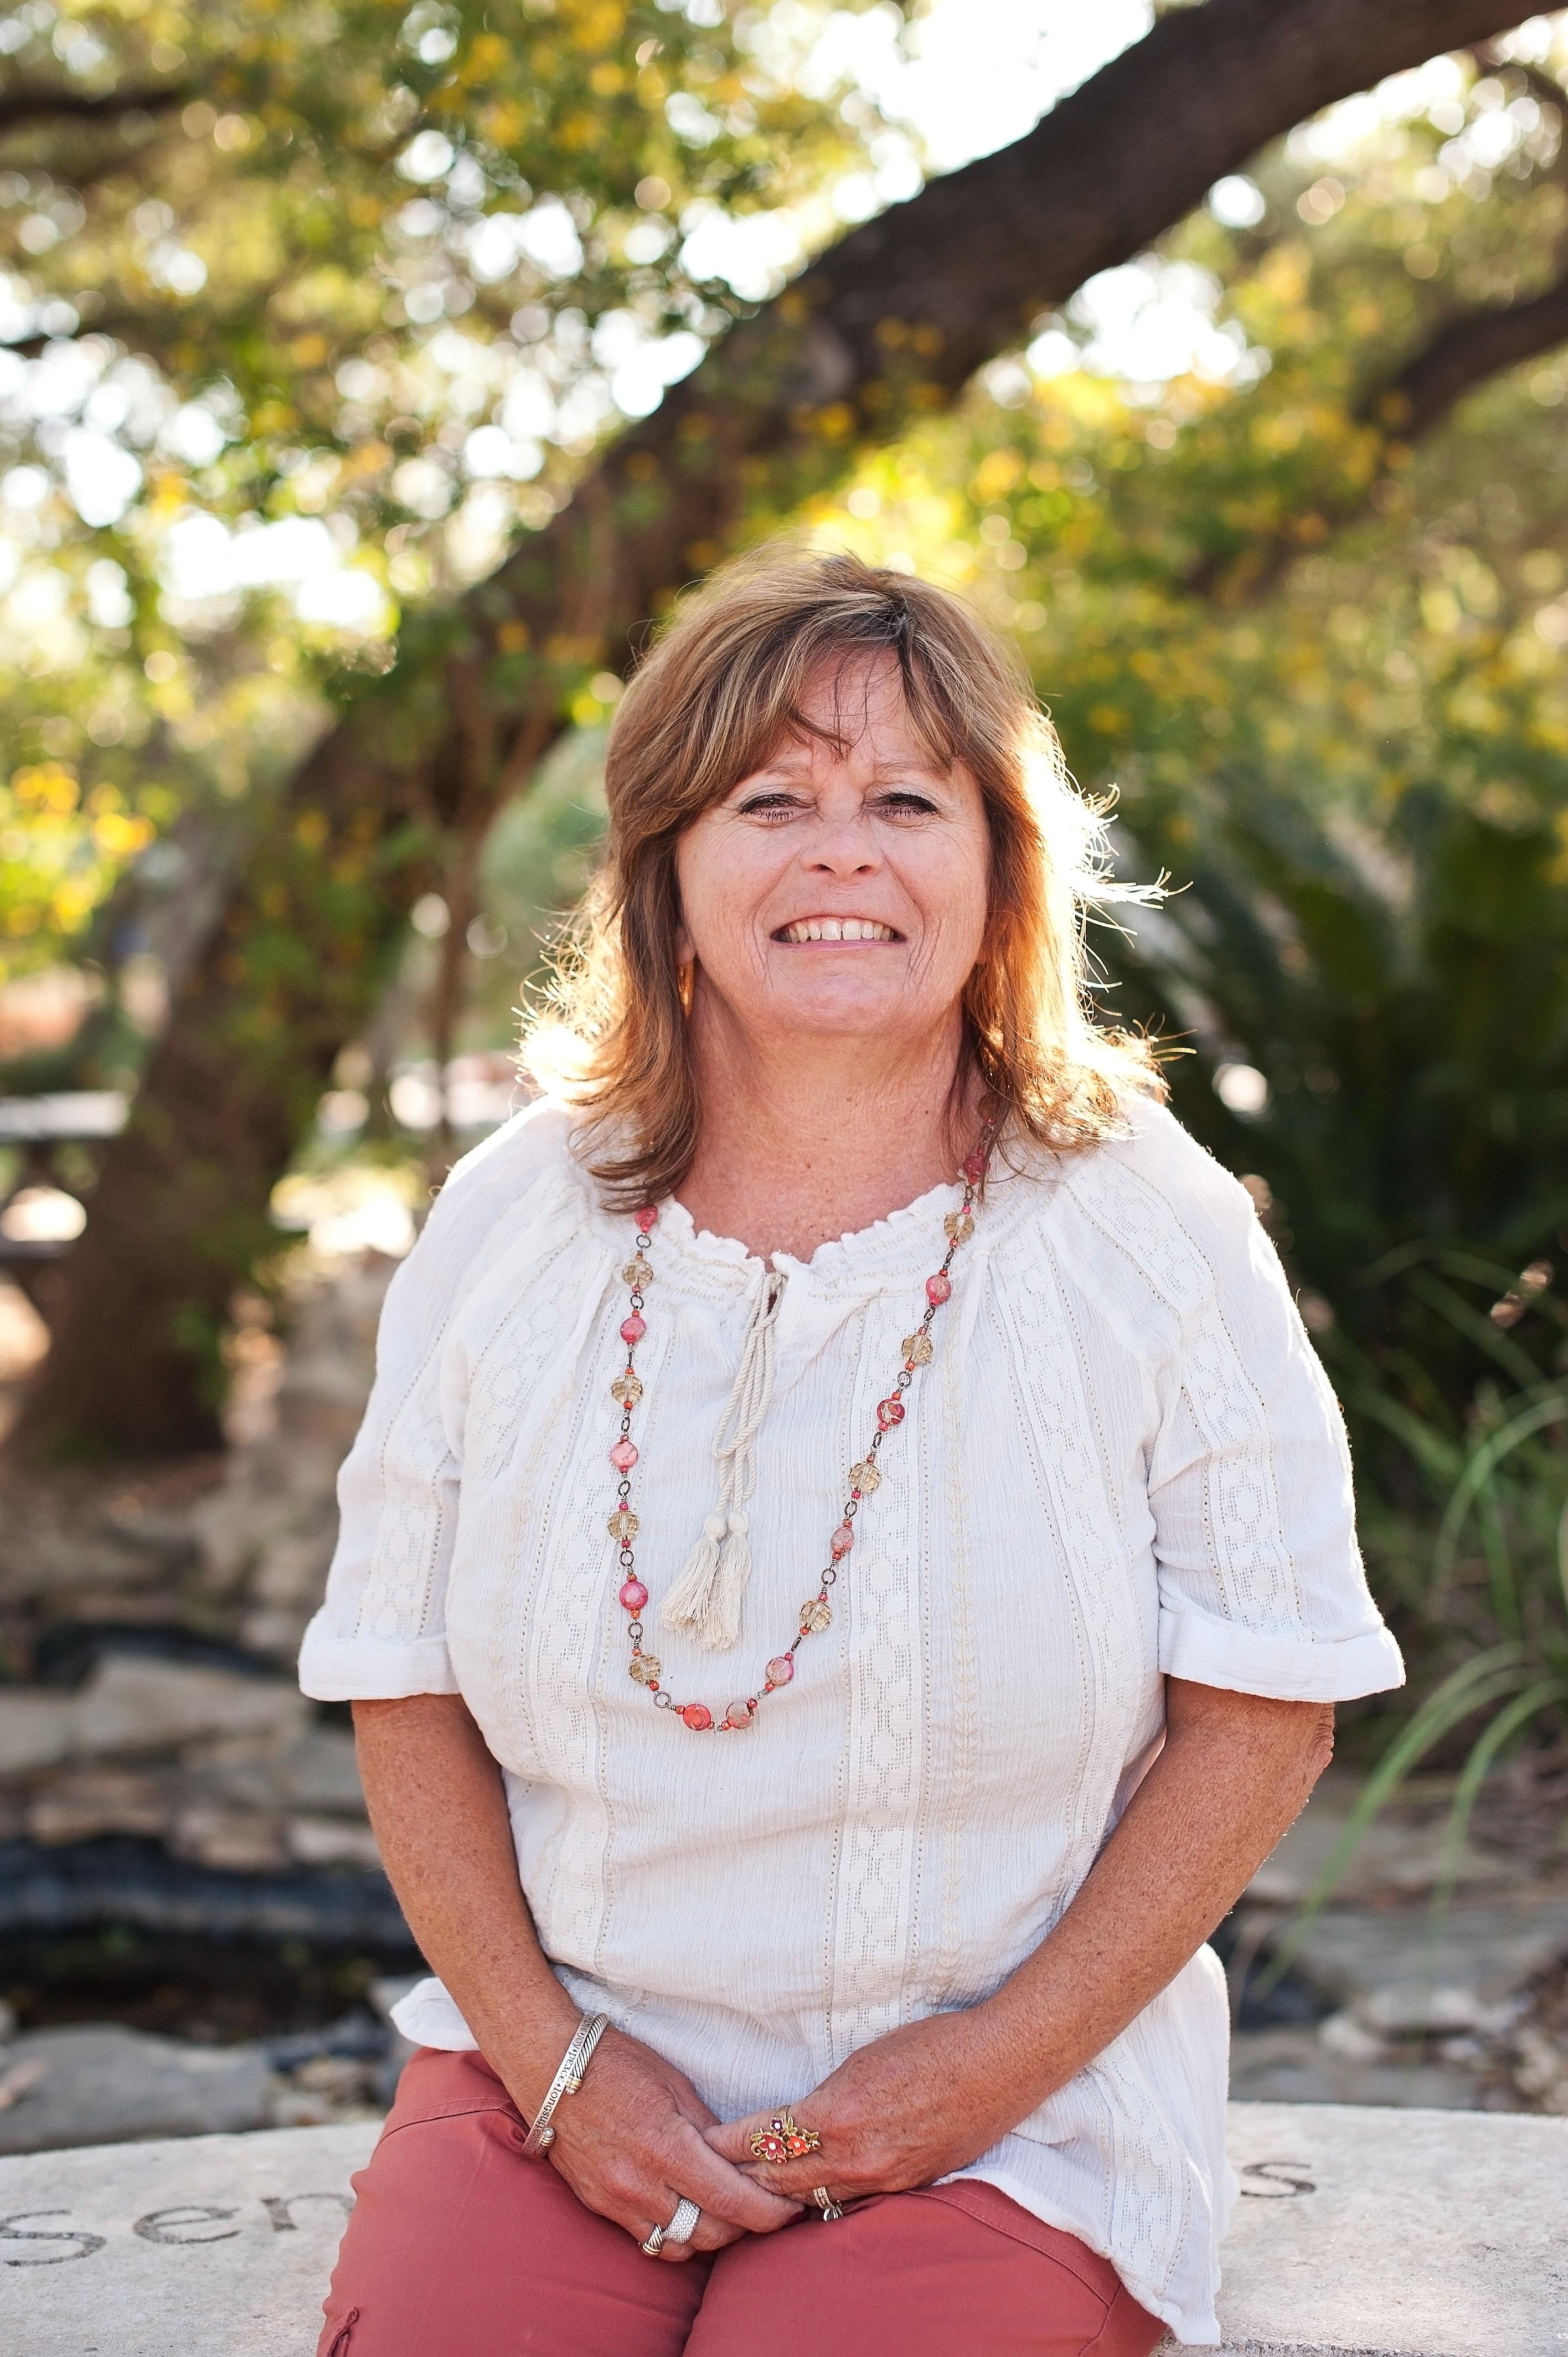 Julie Day